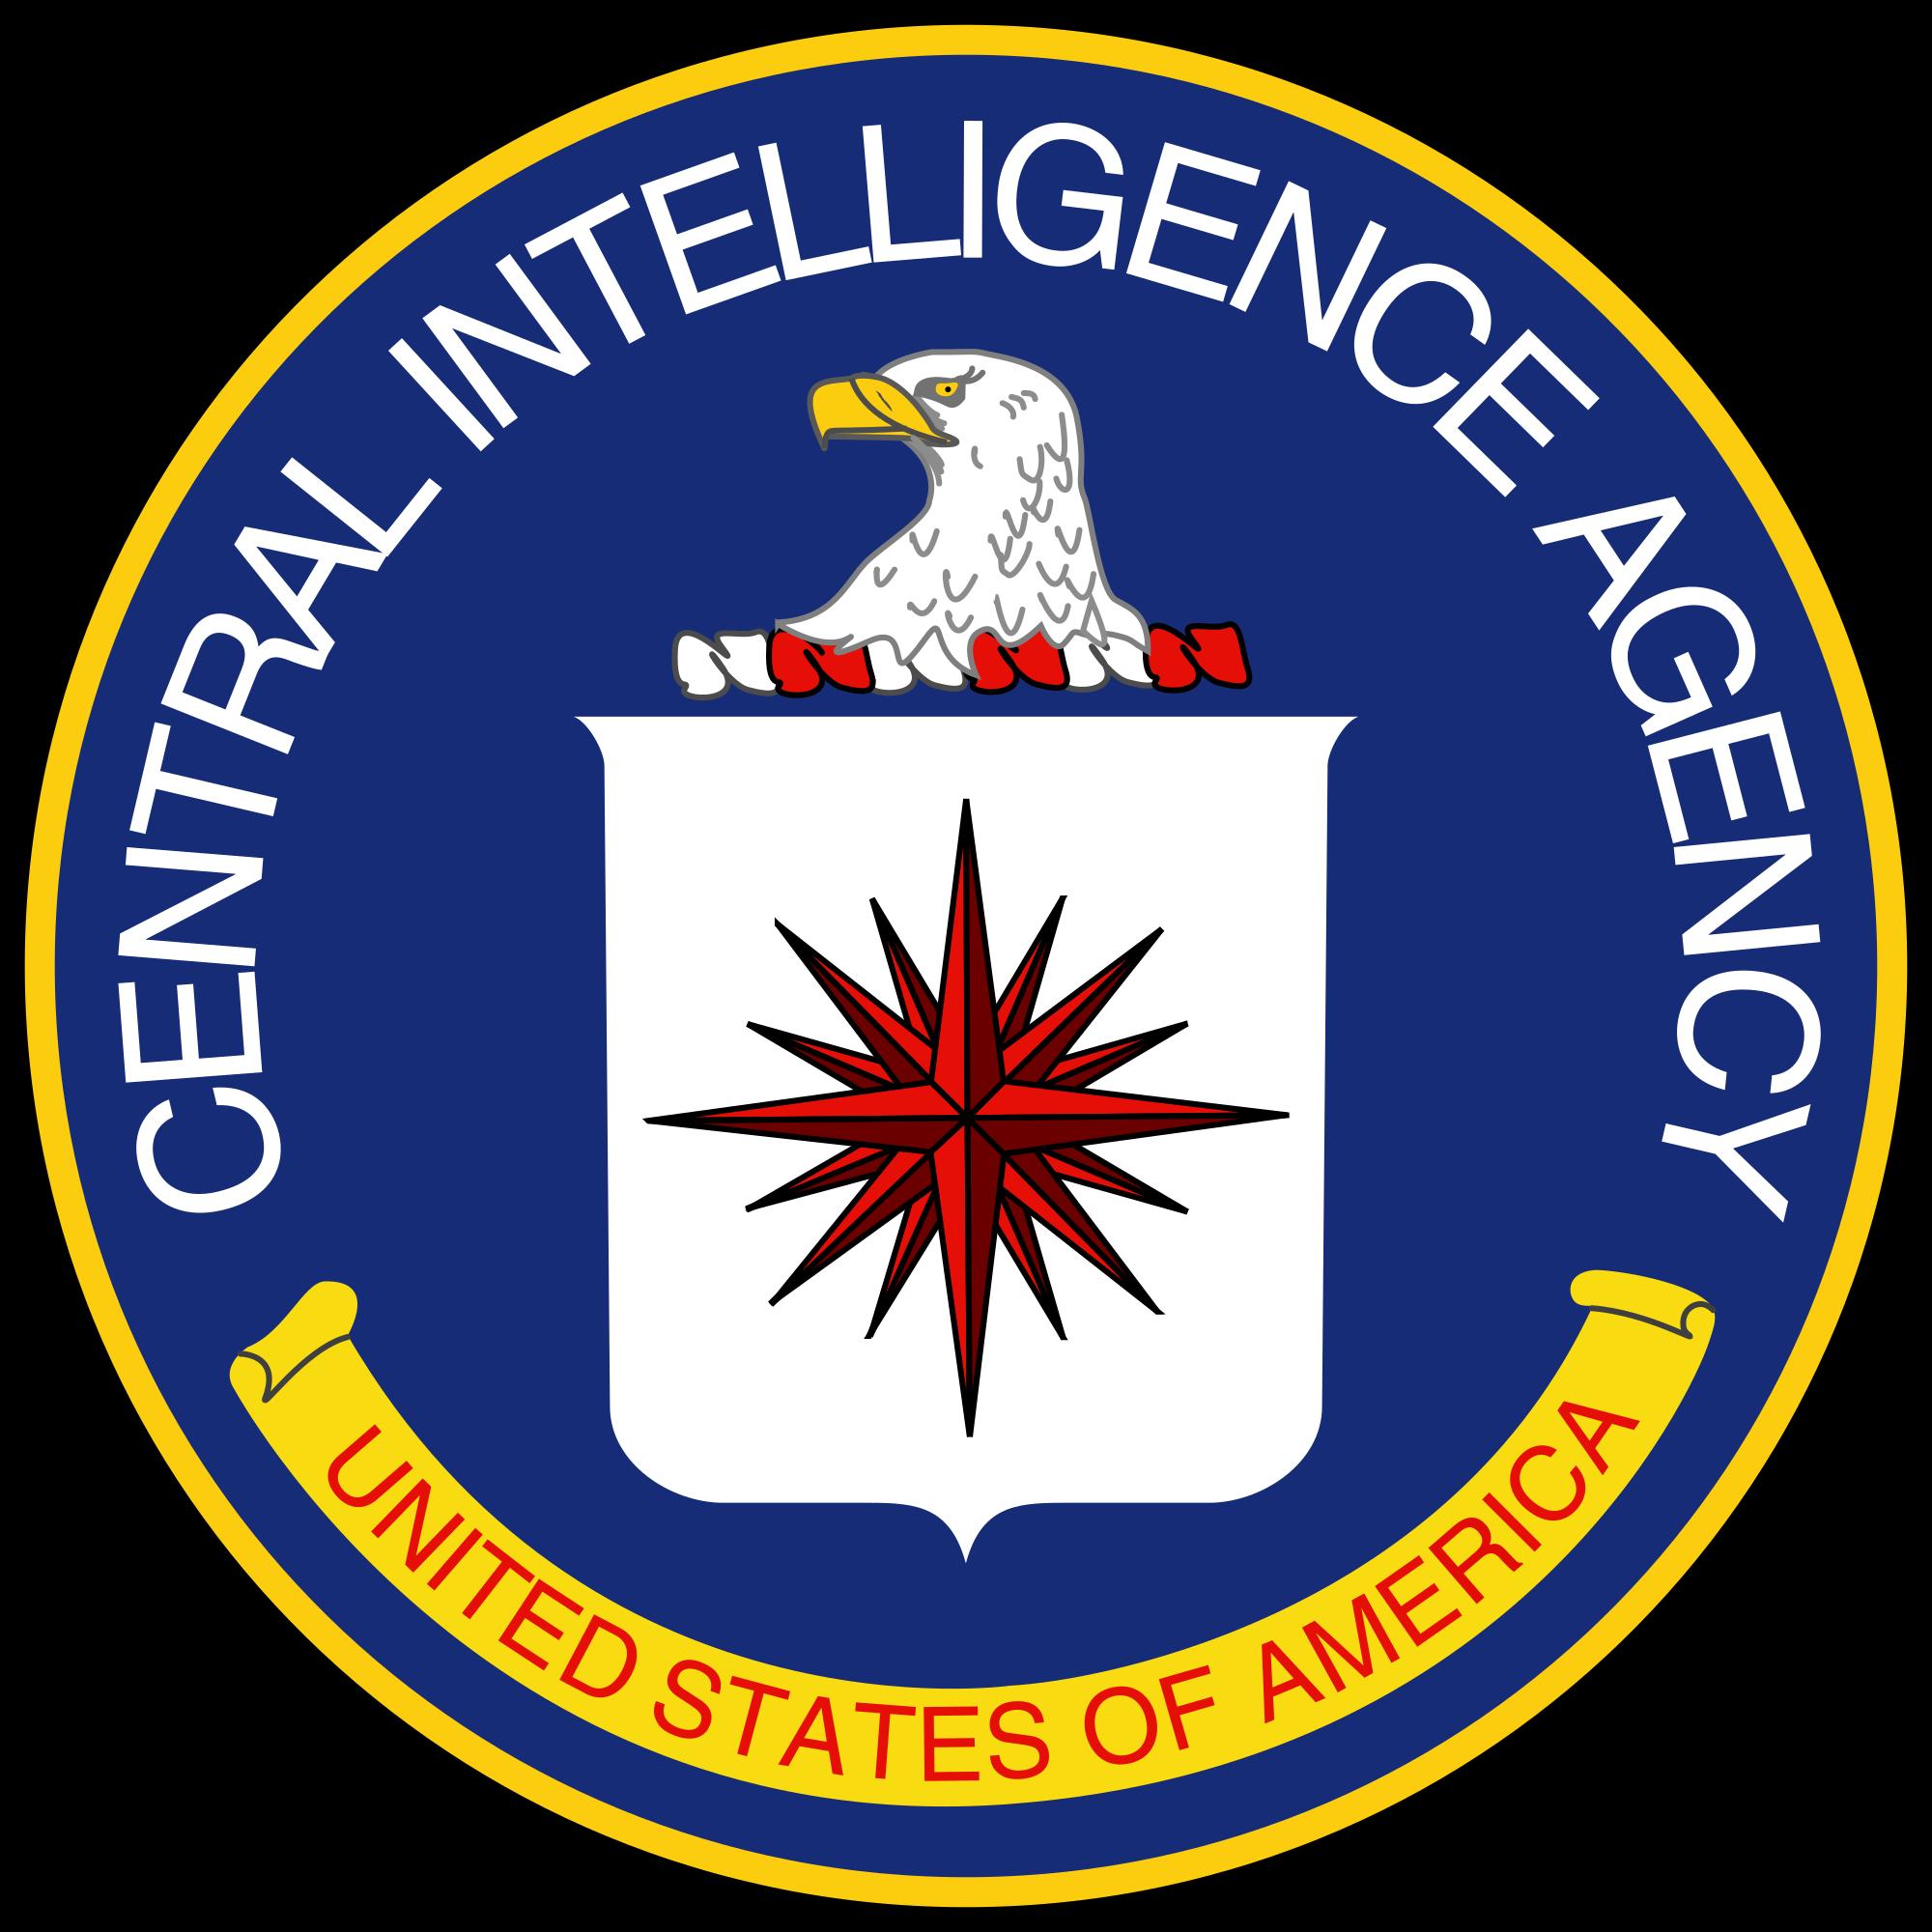 Ehhez nincs mit hozzátenni: Instagram oldalt indított a CIA